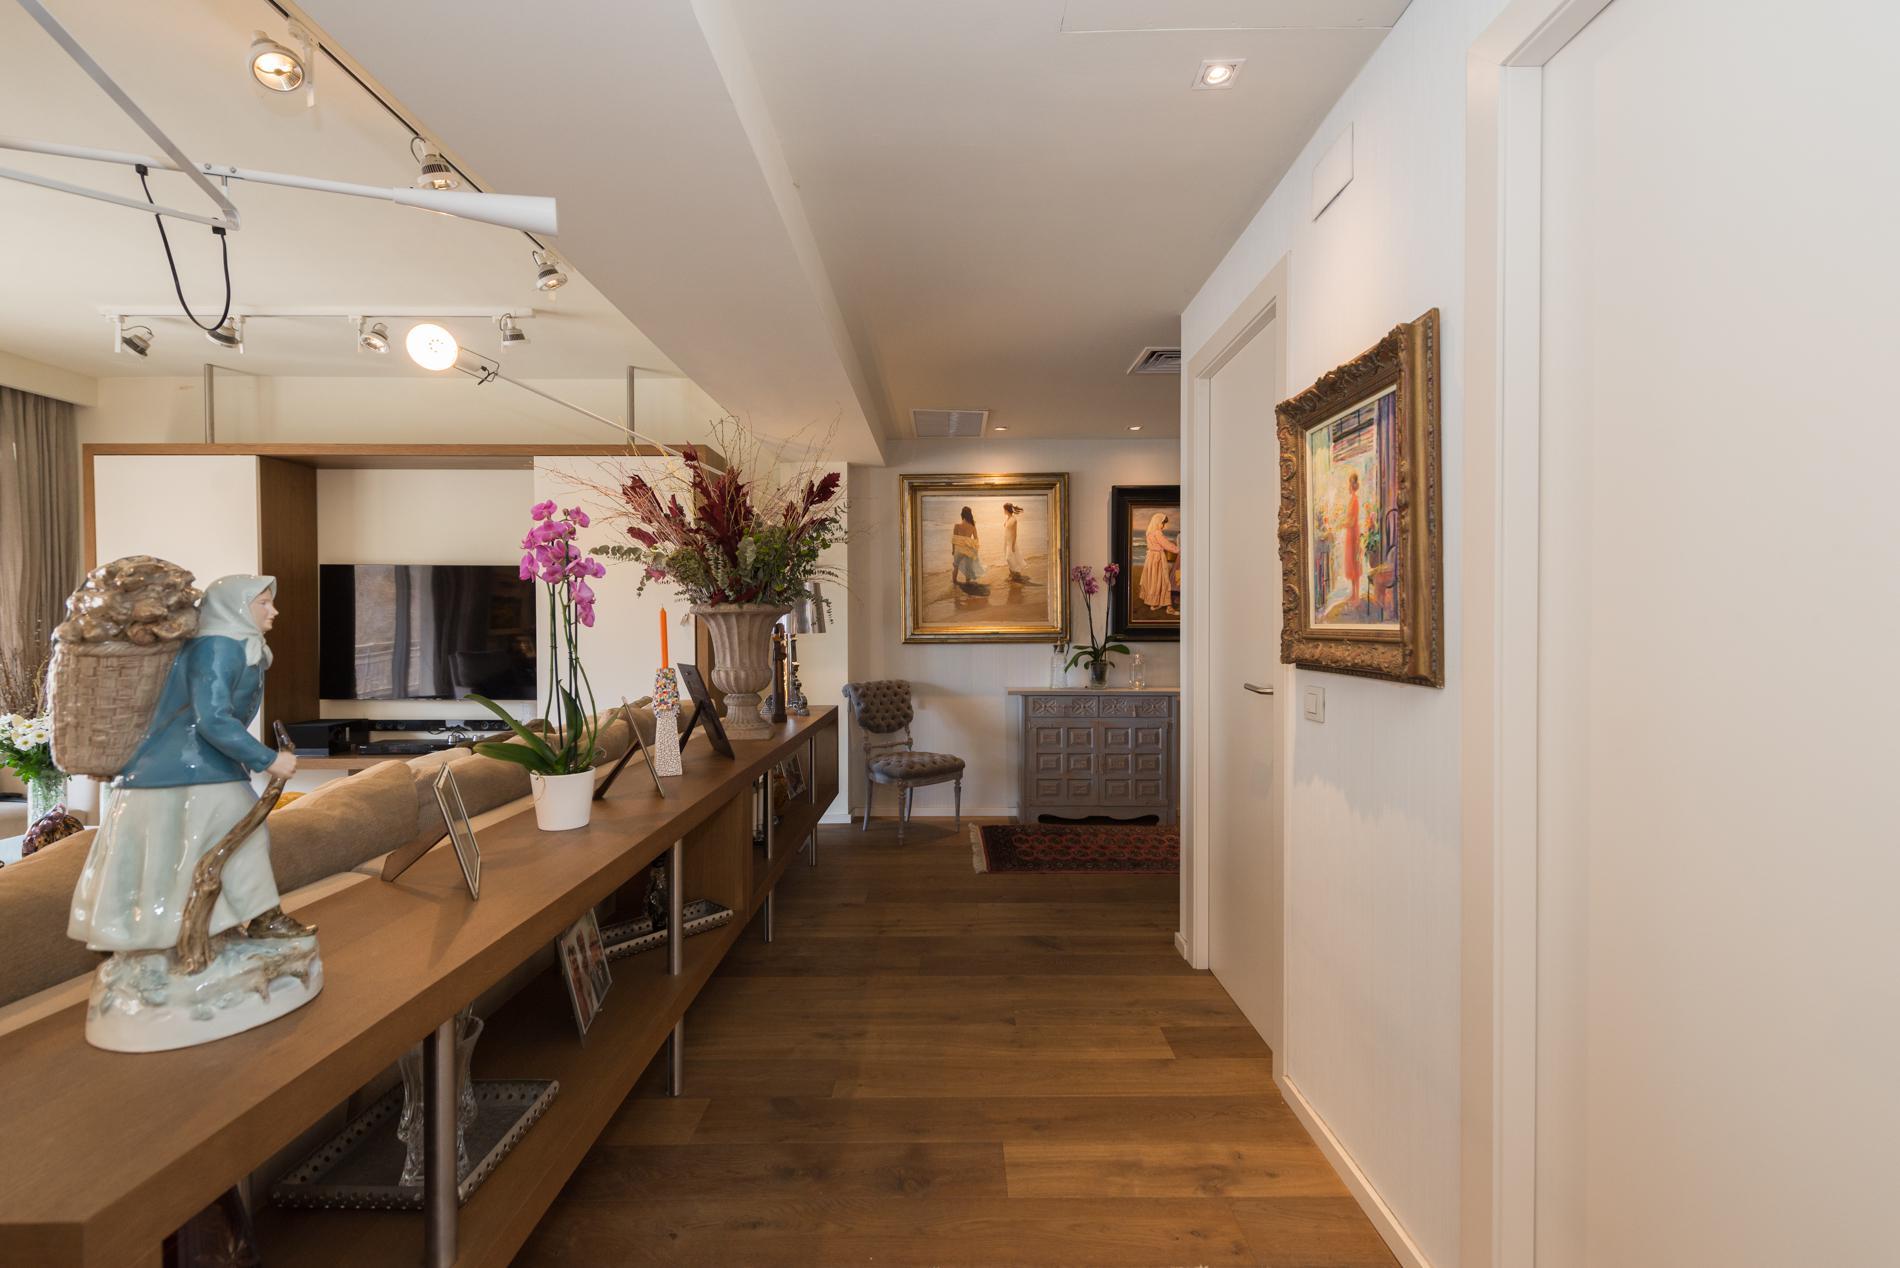 222426 Apartment for sale in Eixample, Dreta Eixample 6